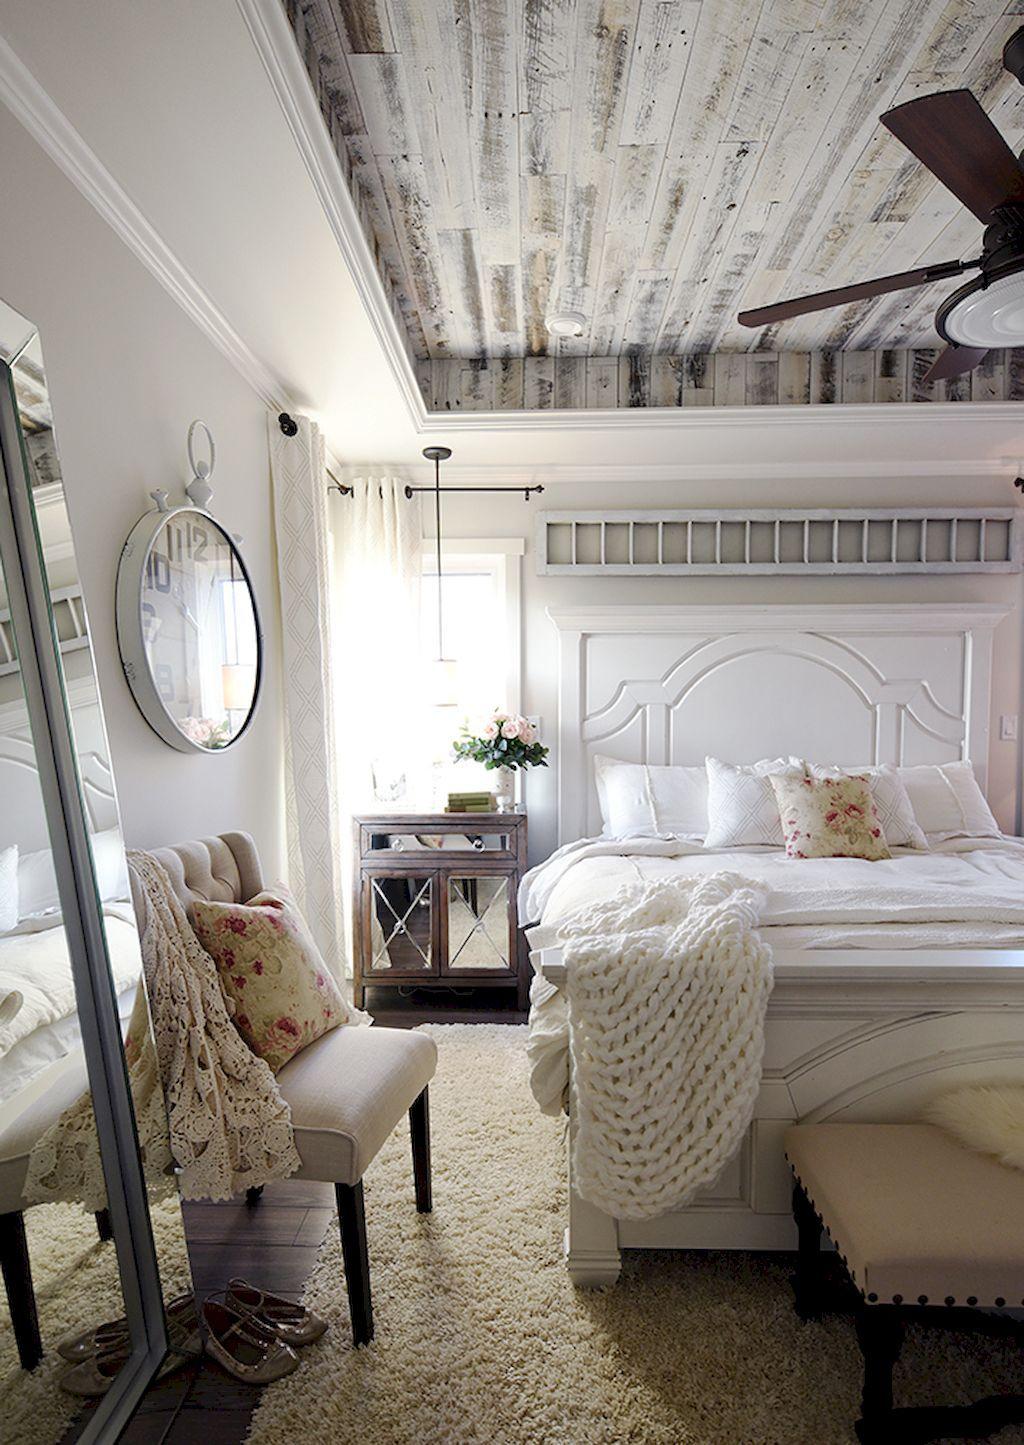 45 Farmhouse Style Master Bedroom Ideas | Chambre de, Maîtresse et ...